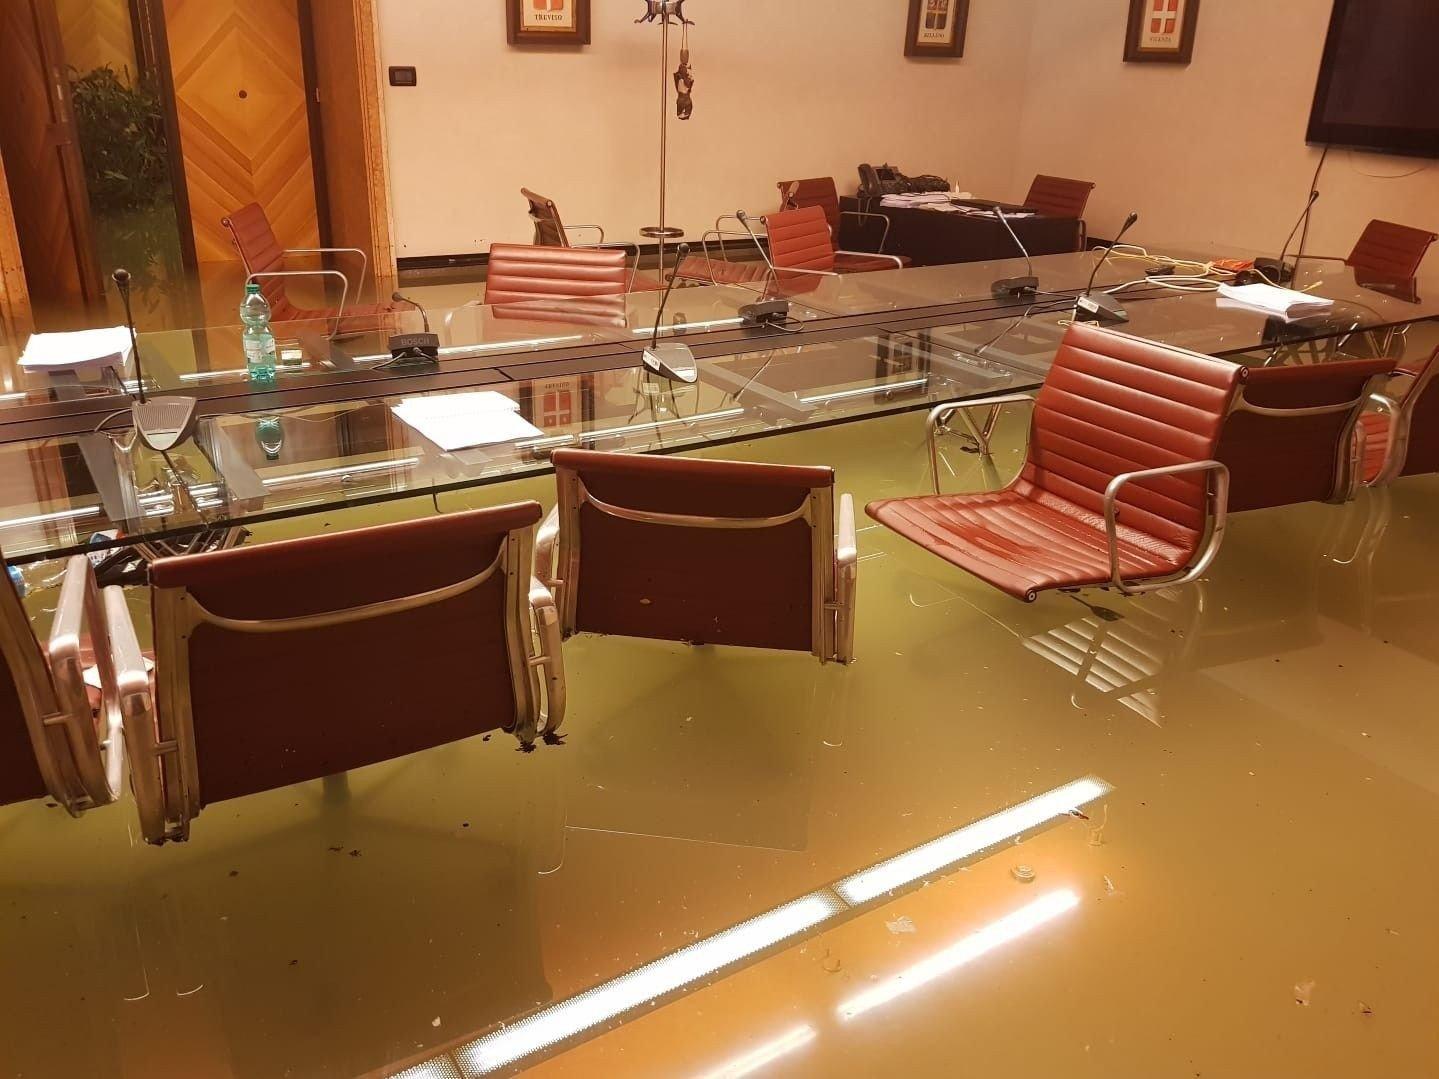 OVERSVØMT: Slik så det ut på et møterom i regionrådet til Venezia etter at de hadde stemt nei til forslag om klimatiltak.